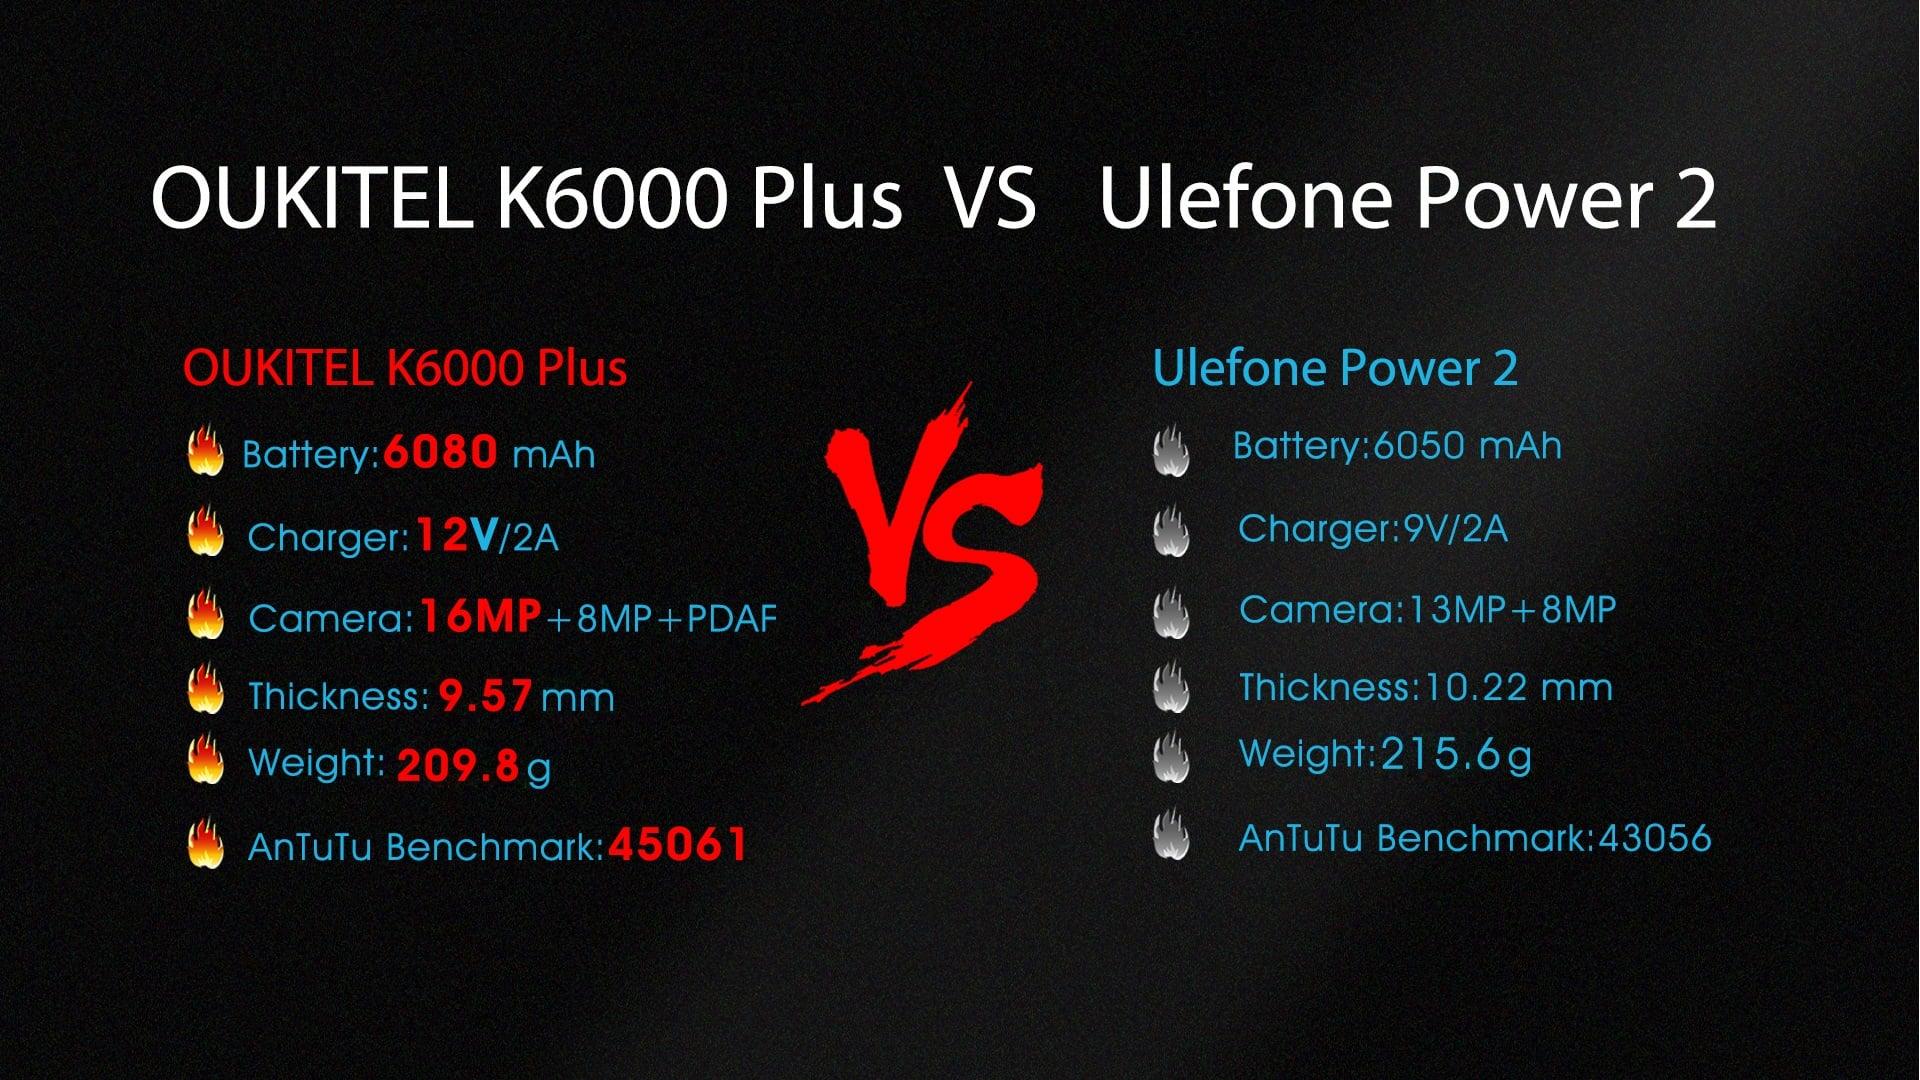 Pojedynek gigantów z baterią ~6000 mAh - Oukitel K6000 Plus vs Ulefone Power 2. Który wygra? 17